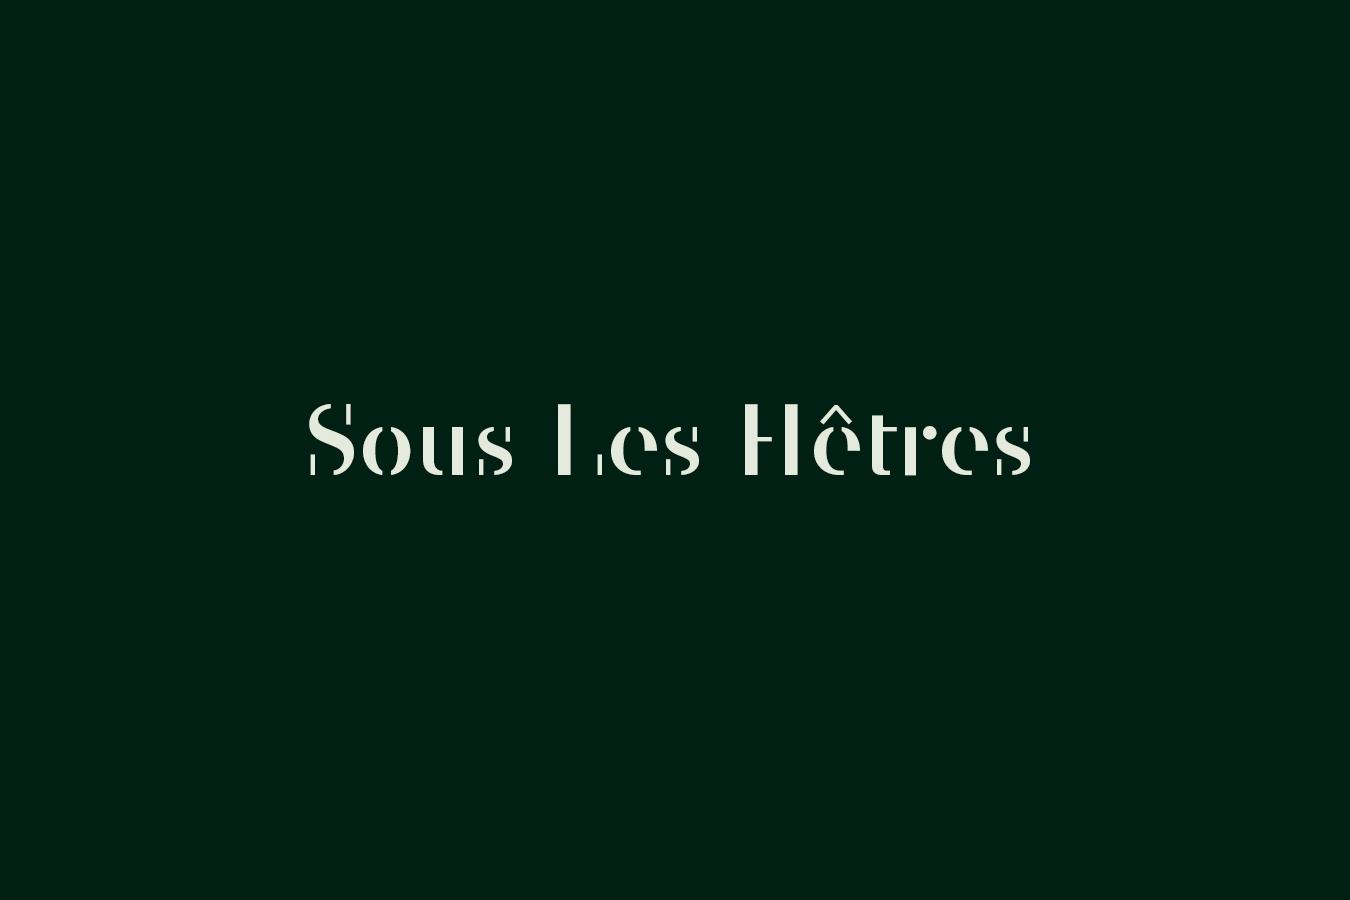 domaine-de-ronchine-evenements-meetings-espaces-insolites-sous-les-hetres-01.jpg